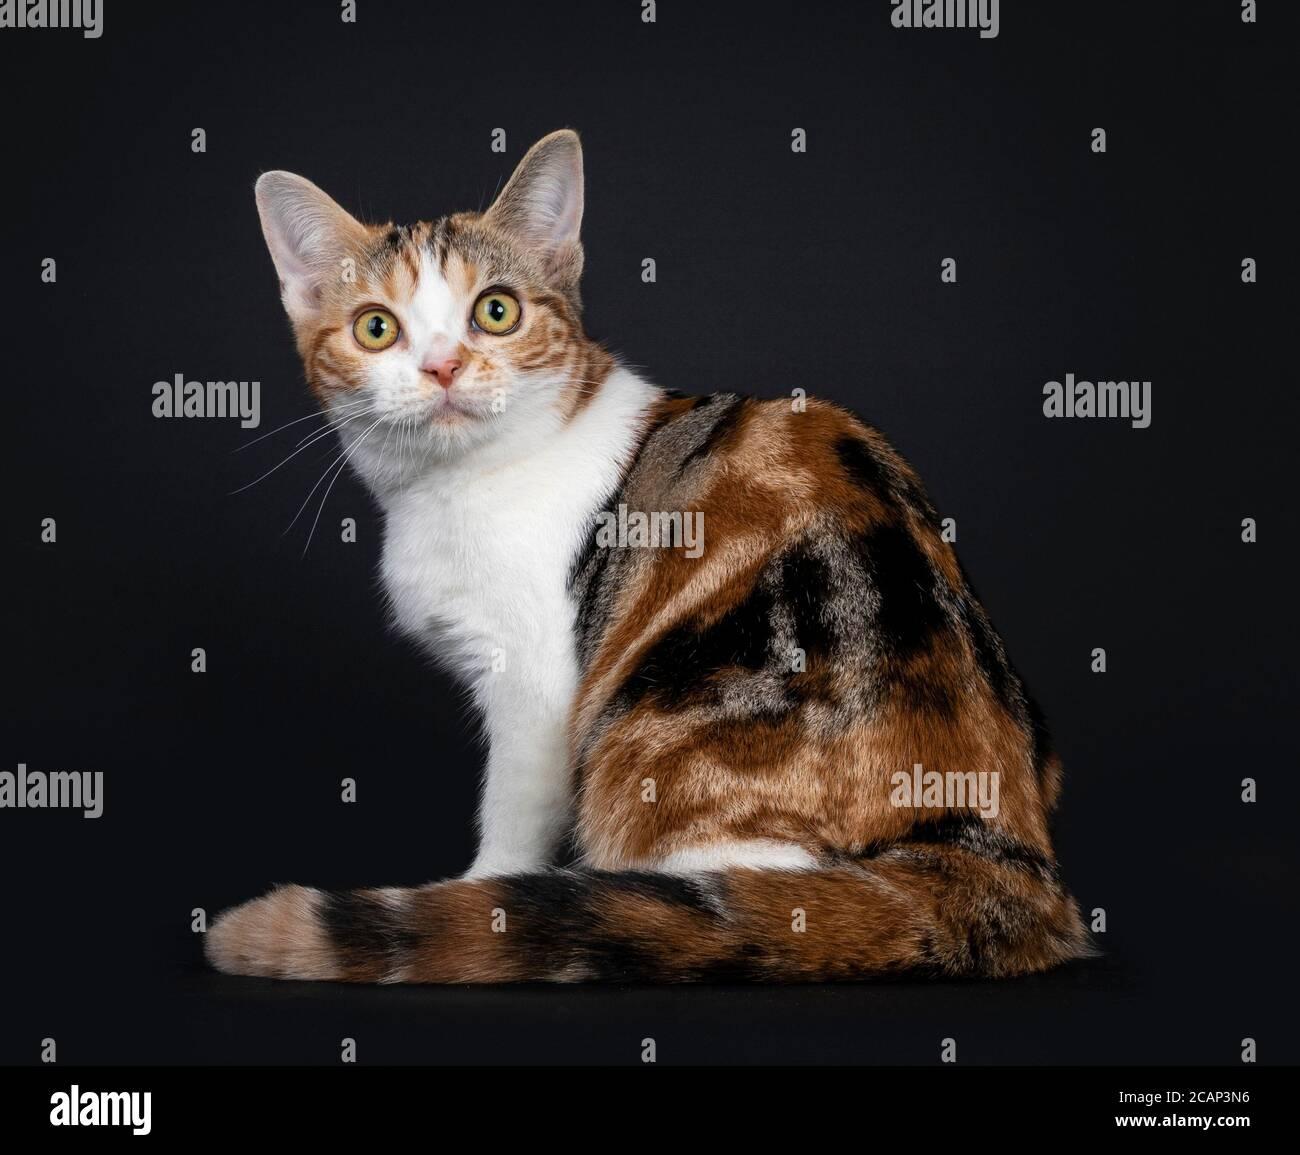 Grazioso gattino americano di gatto Shorthair con motivo stupefacente, seduto indietro. Guardando sopra la spalla direttamente alla fotocamera con gli occhi gialli. Isolato su b Foto Stock